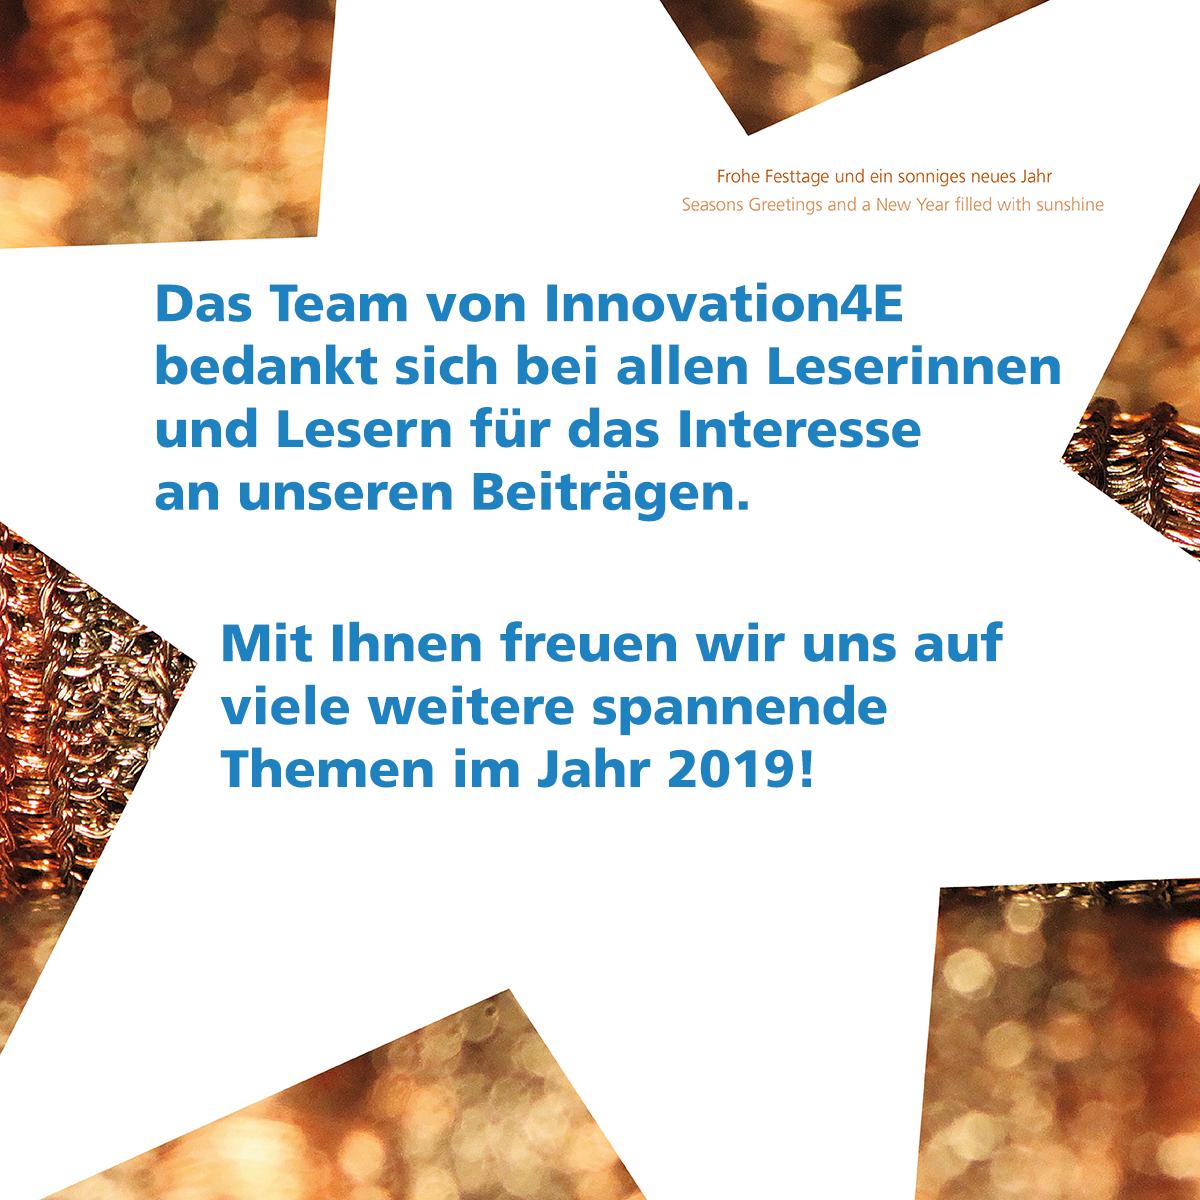 Weihnachtsgruß von Innovation4E